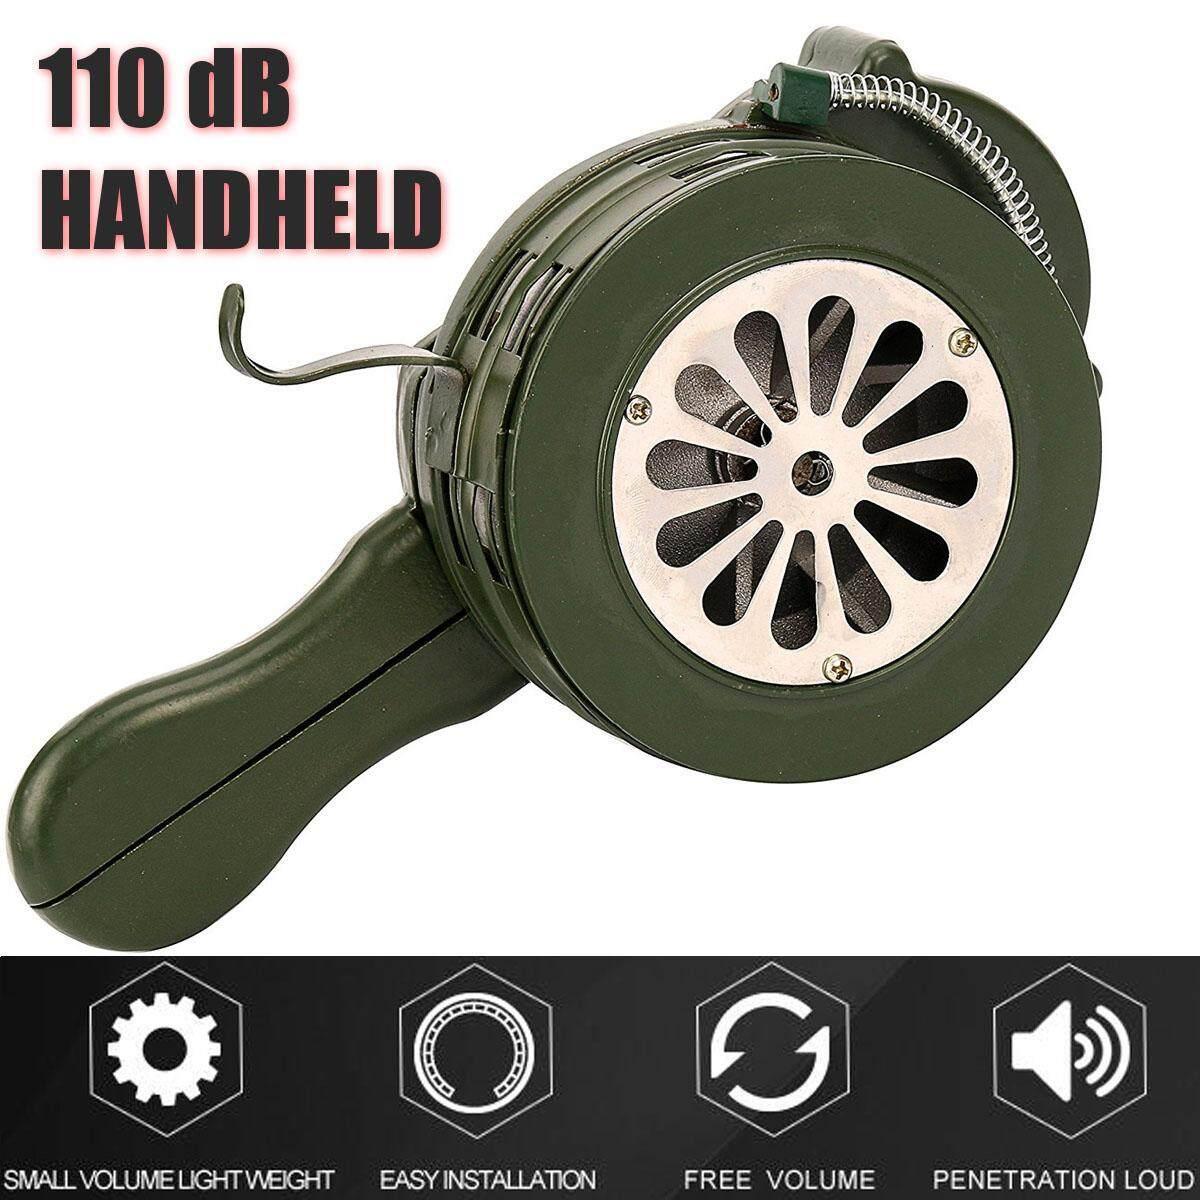 110db Aluminium Portable Hand Loud Crank Manual Air Raid Alarm Handheld Operated